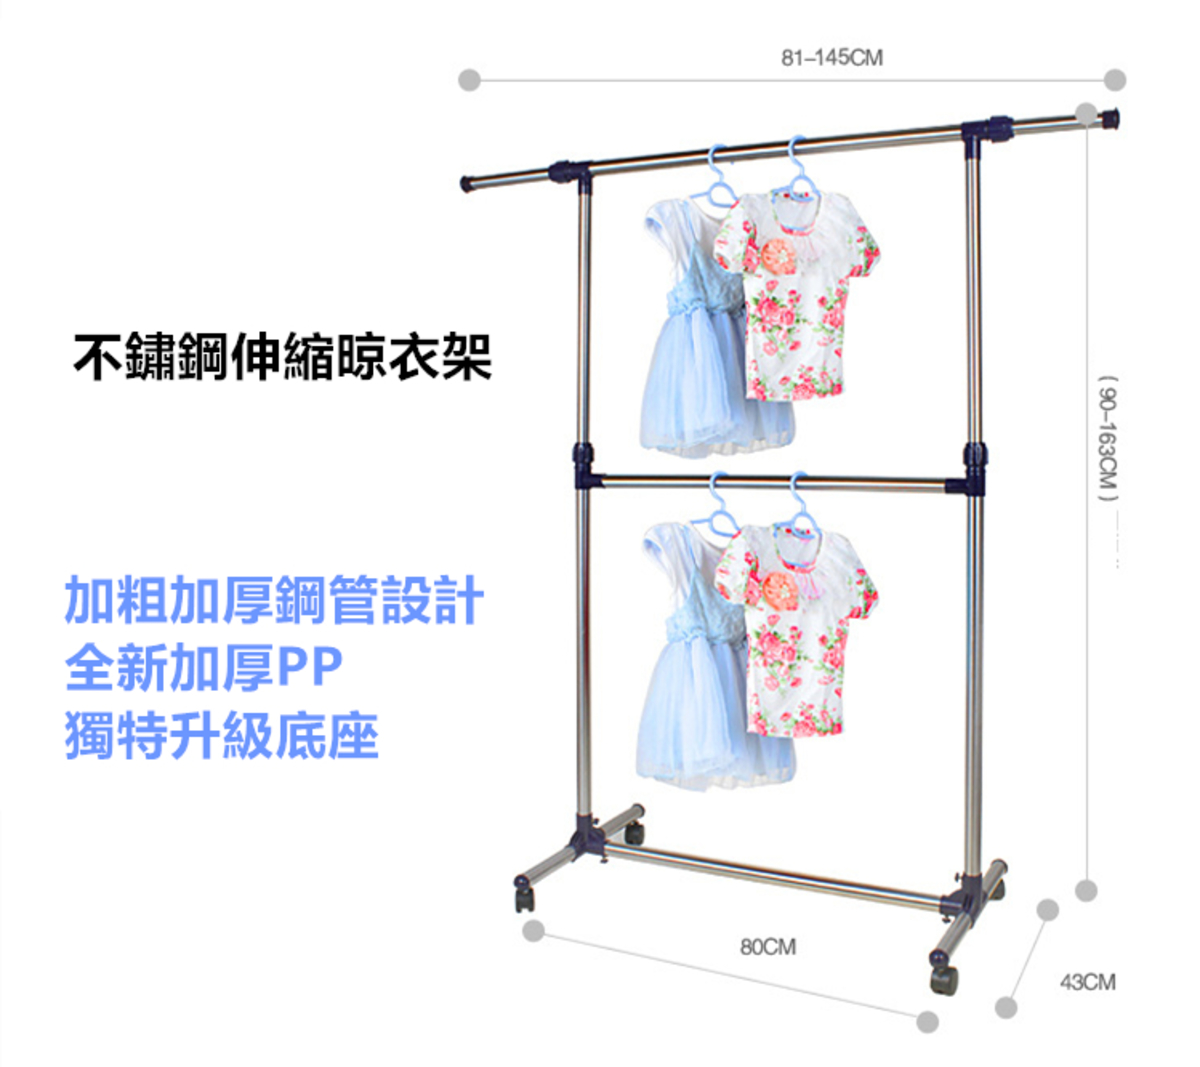 不鏽鋼伸縮晾衣架 (81-148cm) (雙層型號)